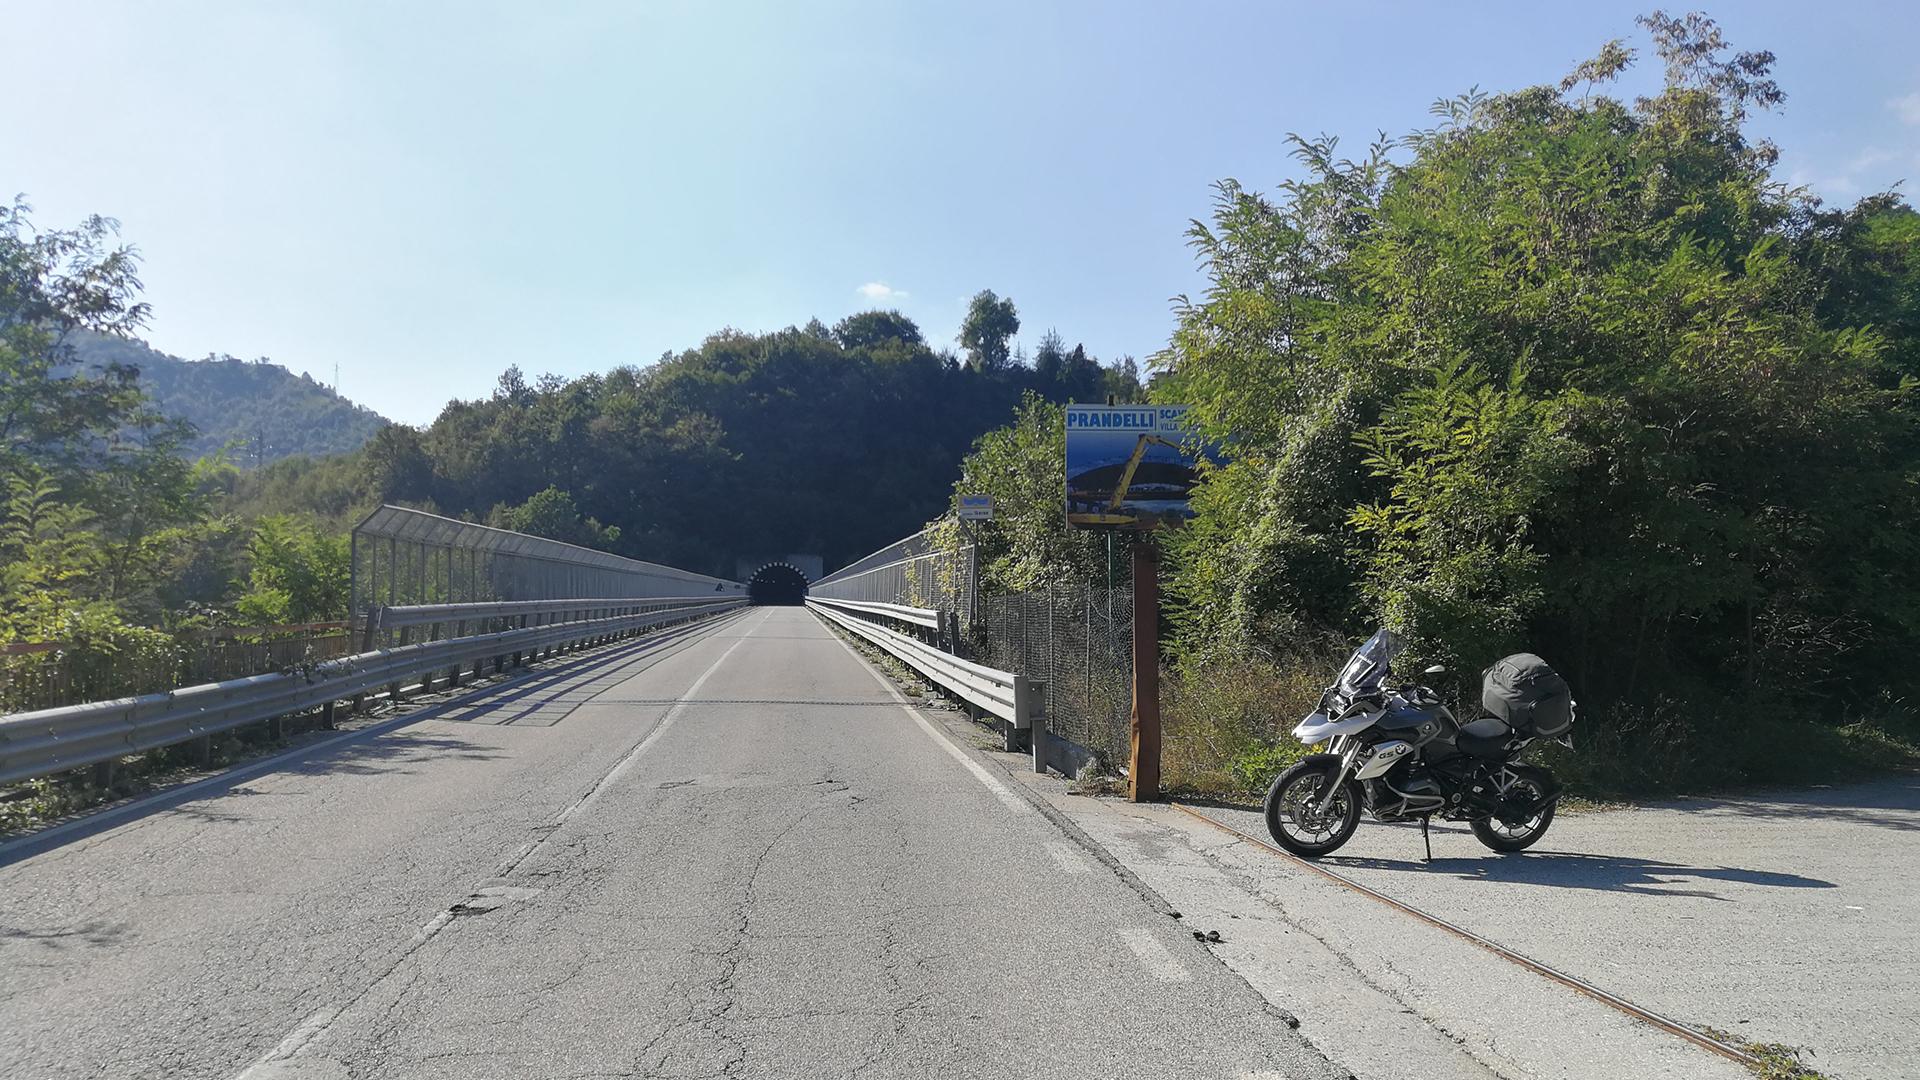 0715 - I - Passo del Cavallo